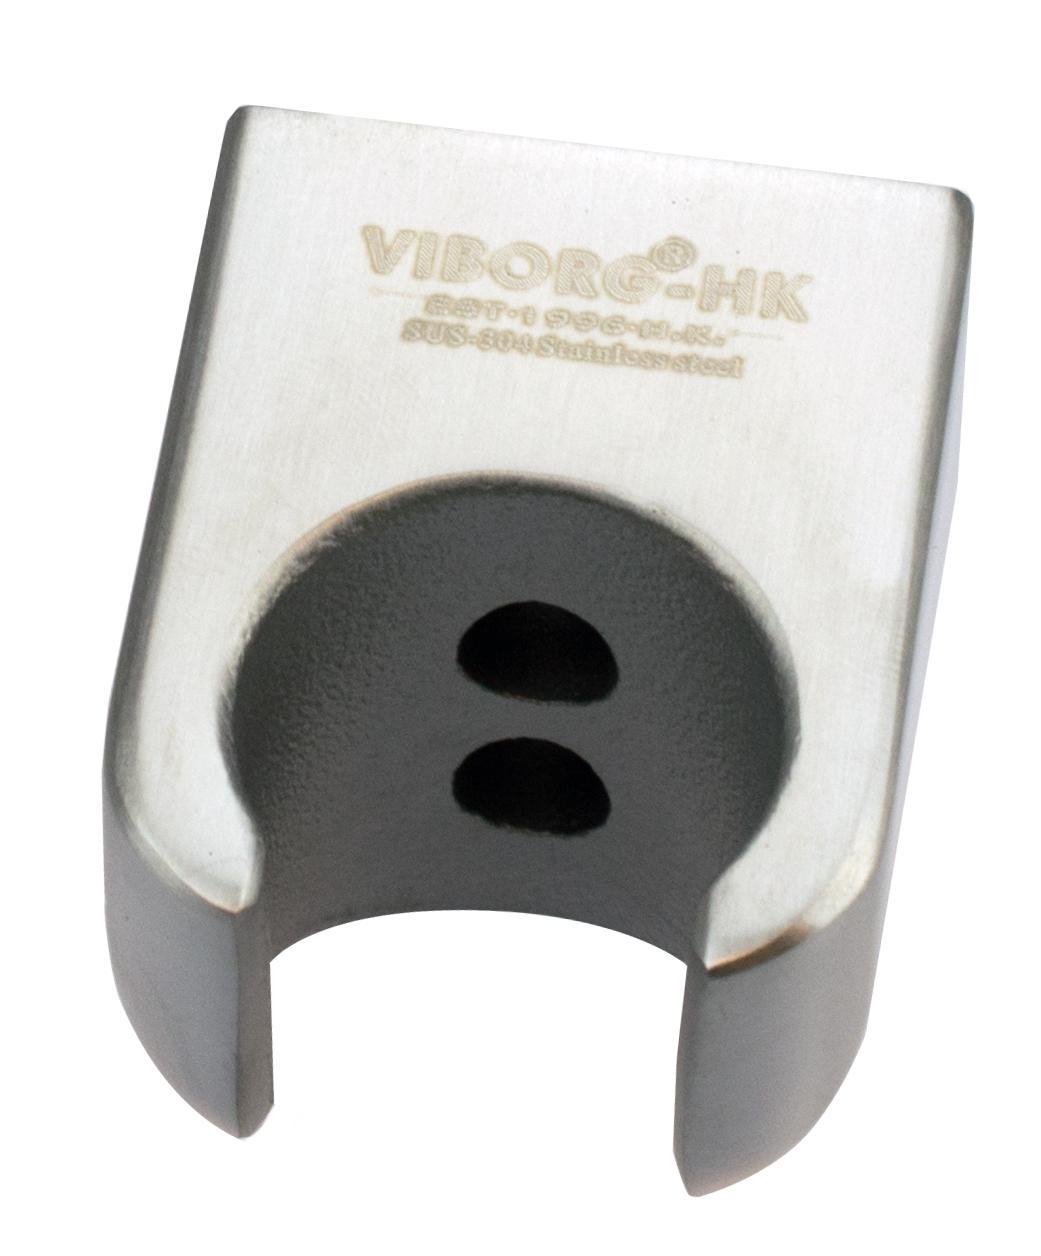 Dusche Brausehalter : Edelstahl Brausehalter Duschkopfhalter Wandhalterung Wandhalter Dusche